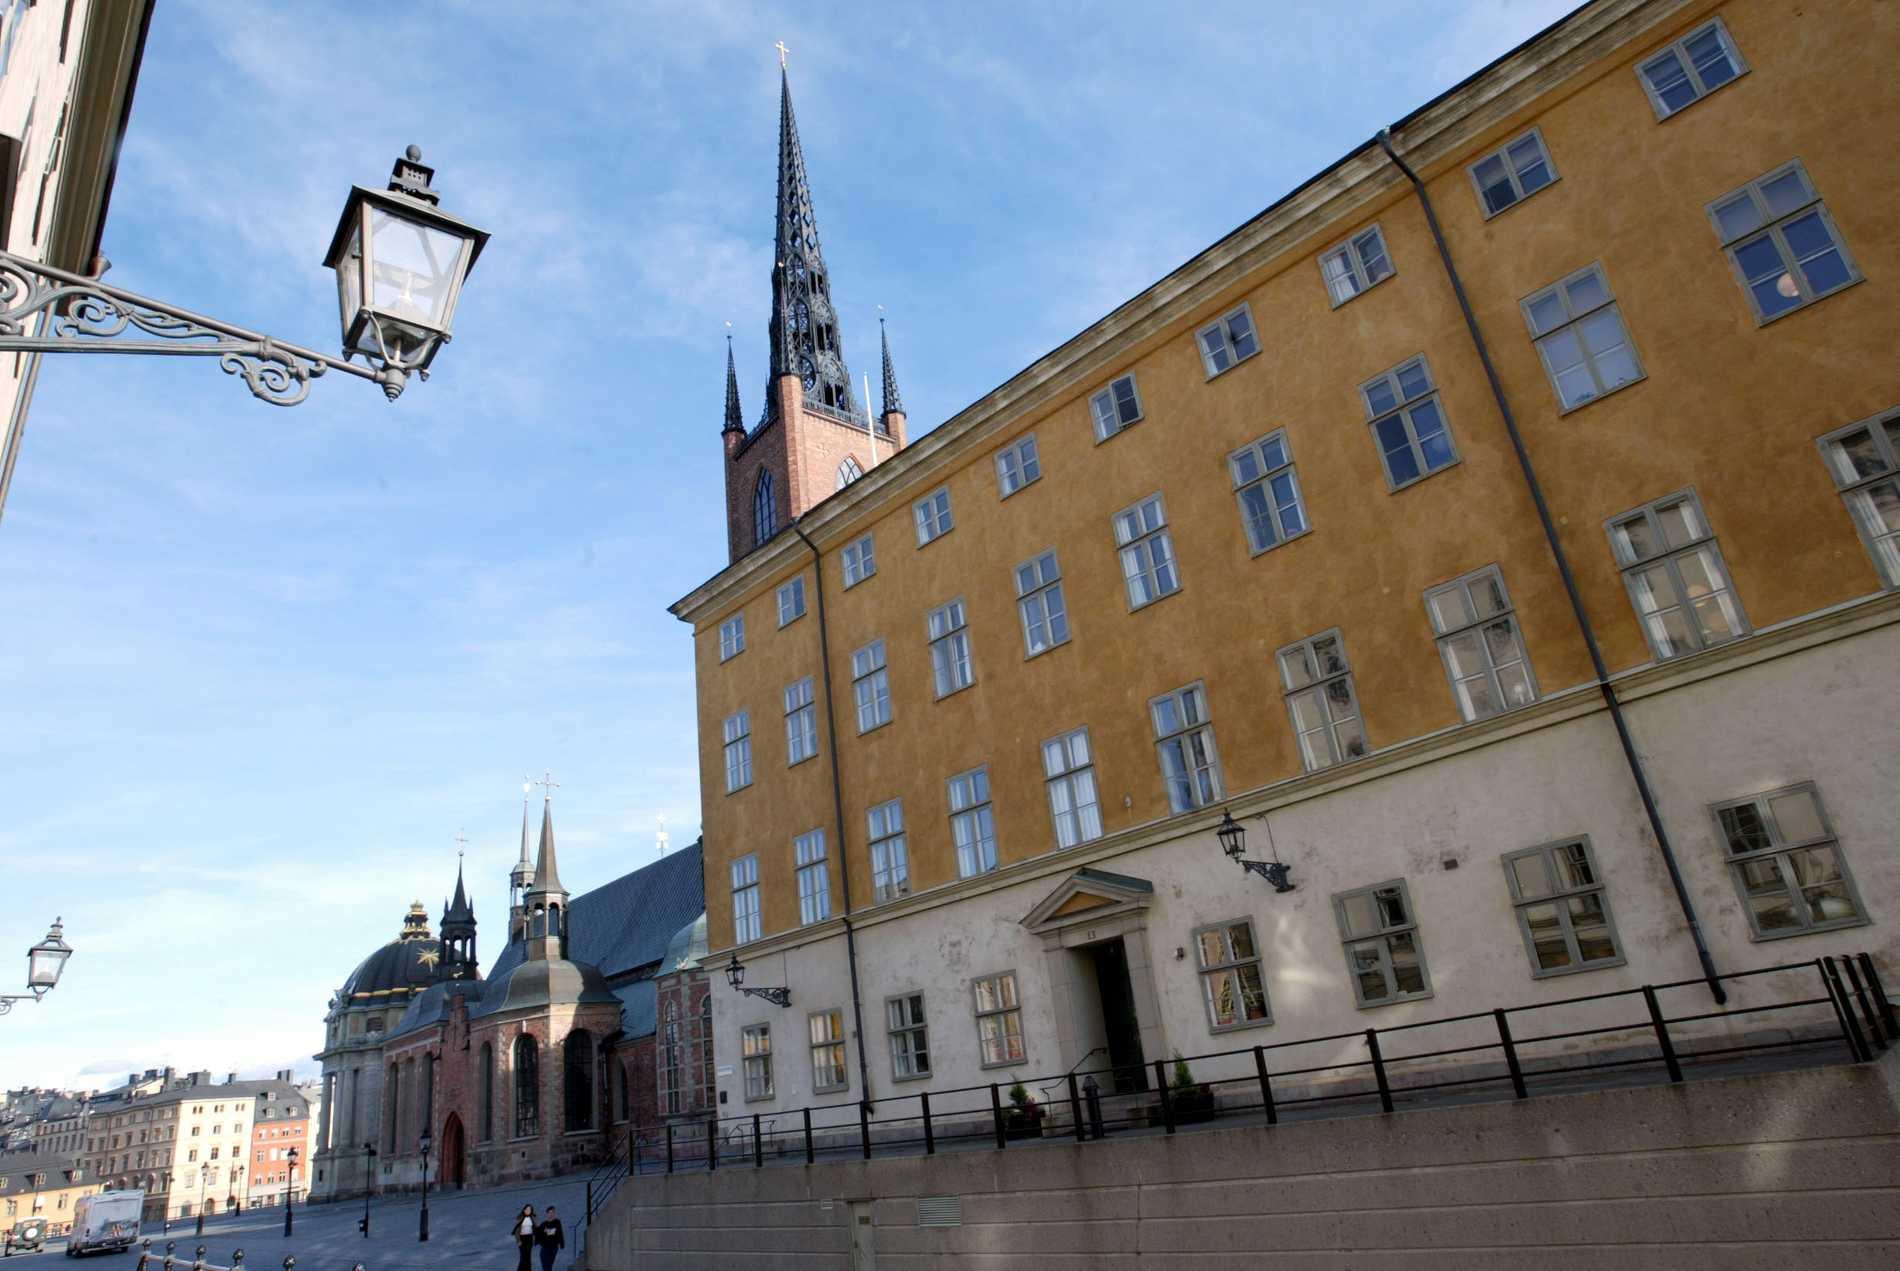 Migrationsöverdomstolen bedömer att en man kan vägras flyktingstatus efter att ha begått en våldtäkt. Domstolen sitter i kammarrätten i Stockholm. Arkivbild.